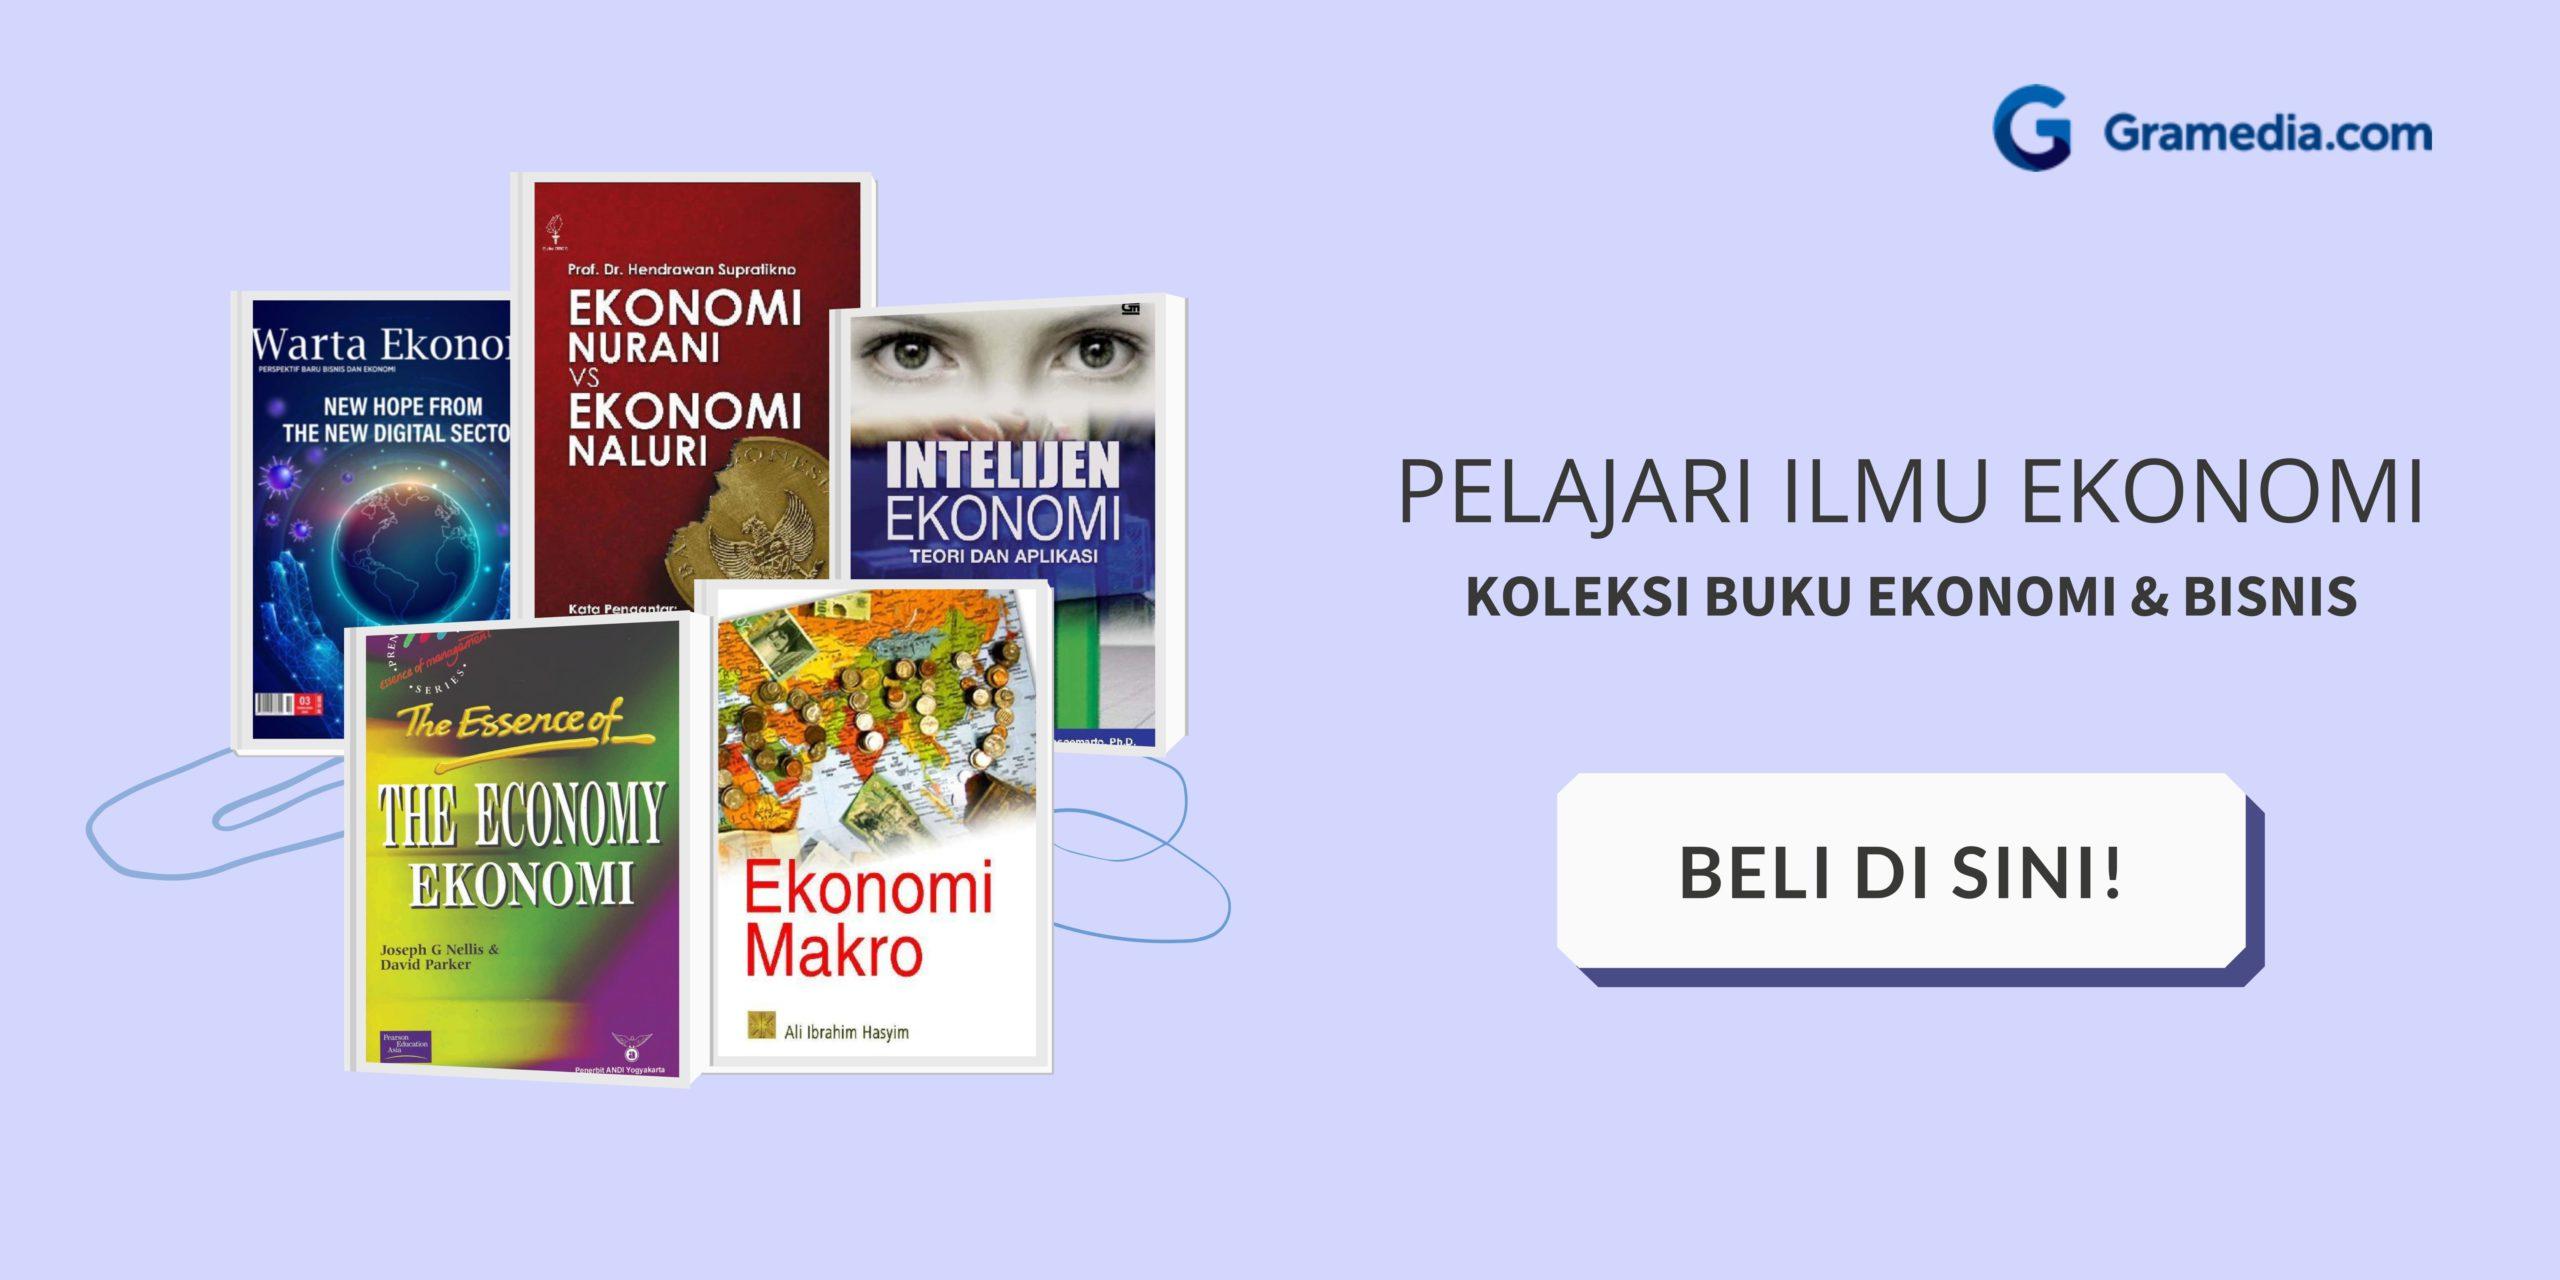 Ekonomi Mikro: Pengertian, Ruang Lingkup, Teori dan Perbedaannya dengan Ekonomi Makro 6